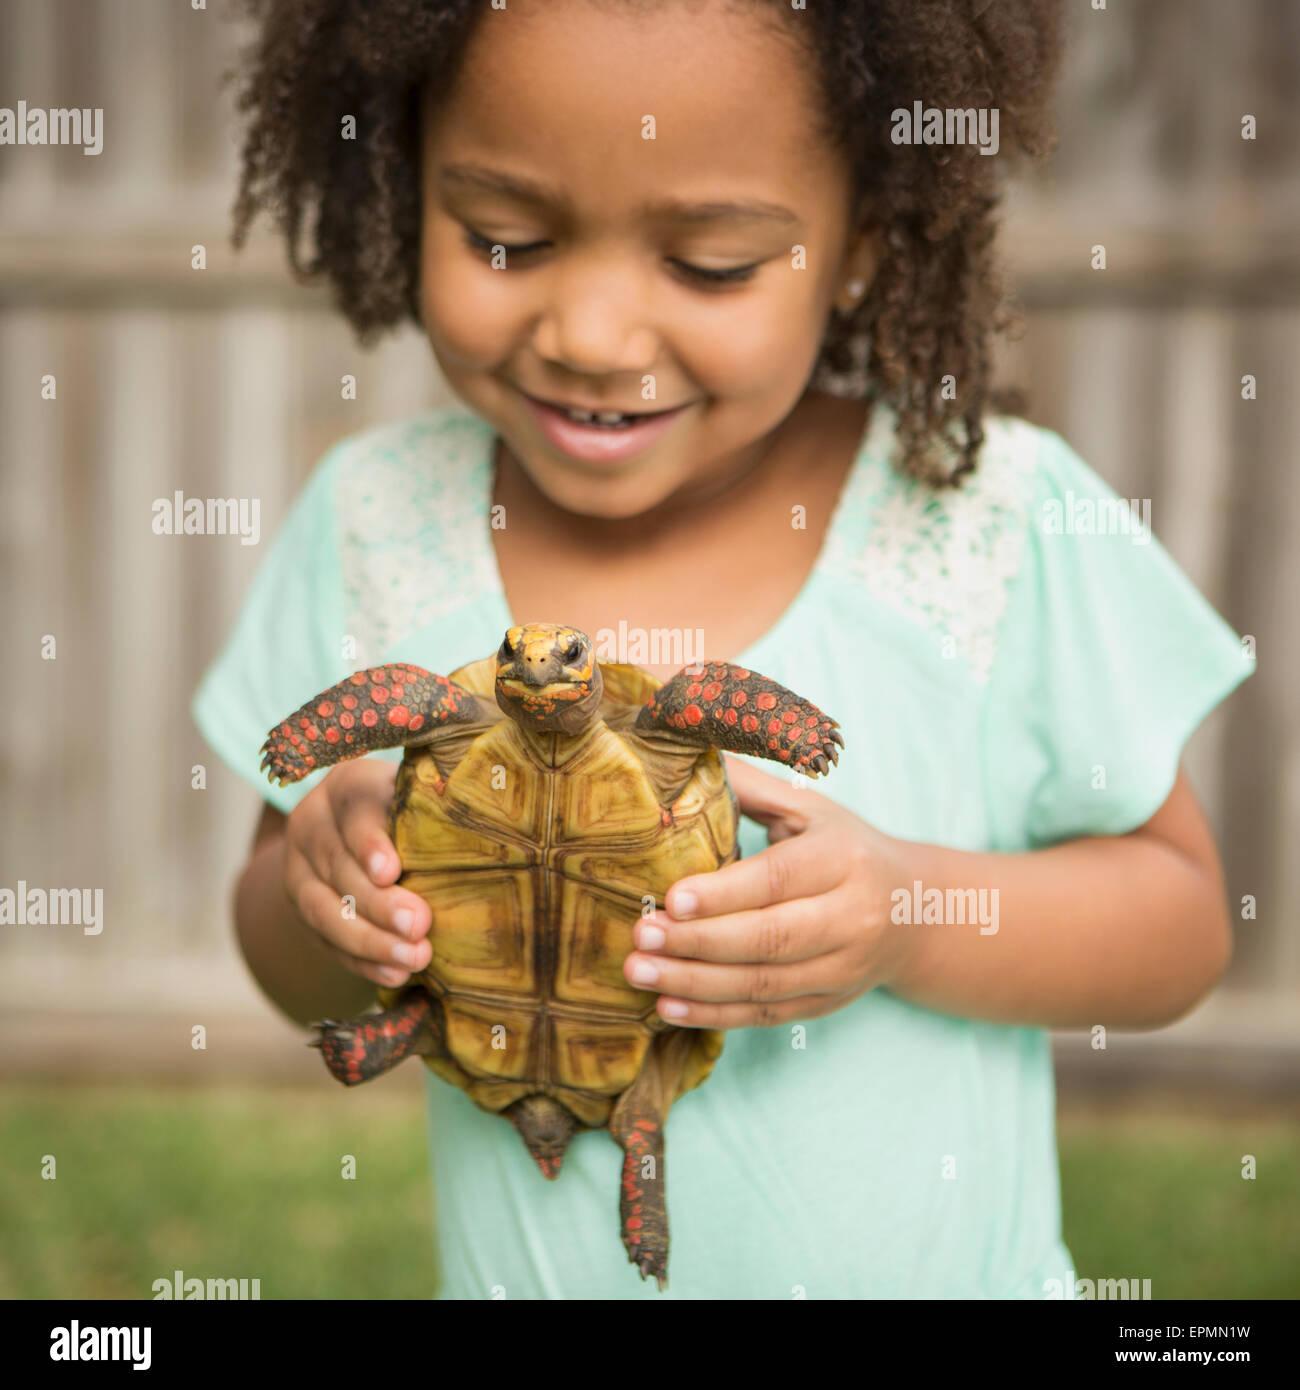 Un niño sosteniendo una tortuga. Imagen De Stock